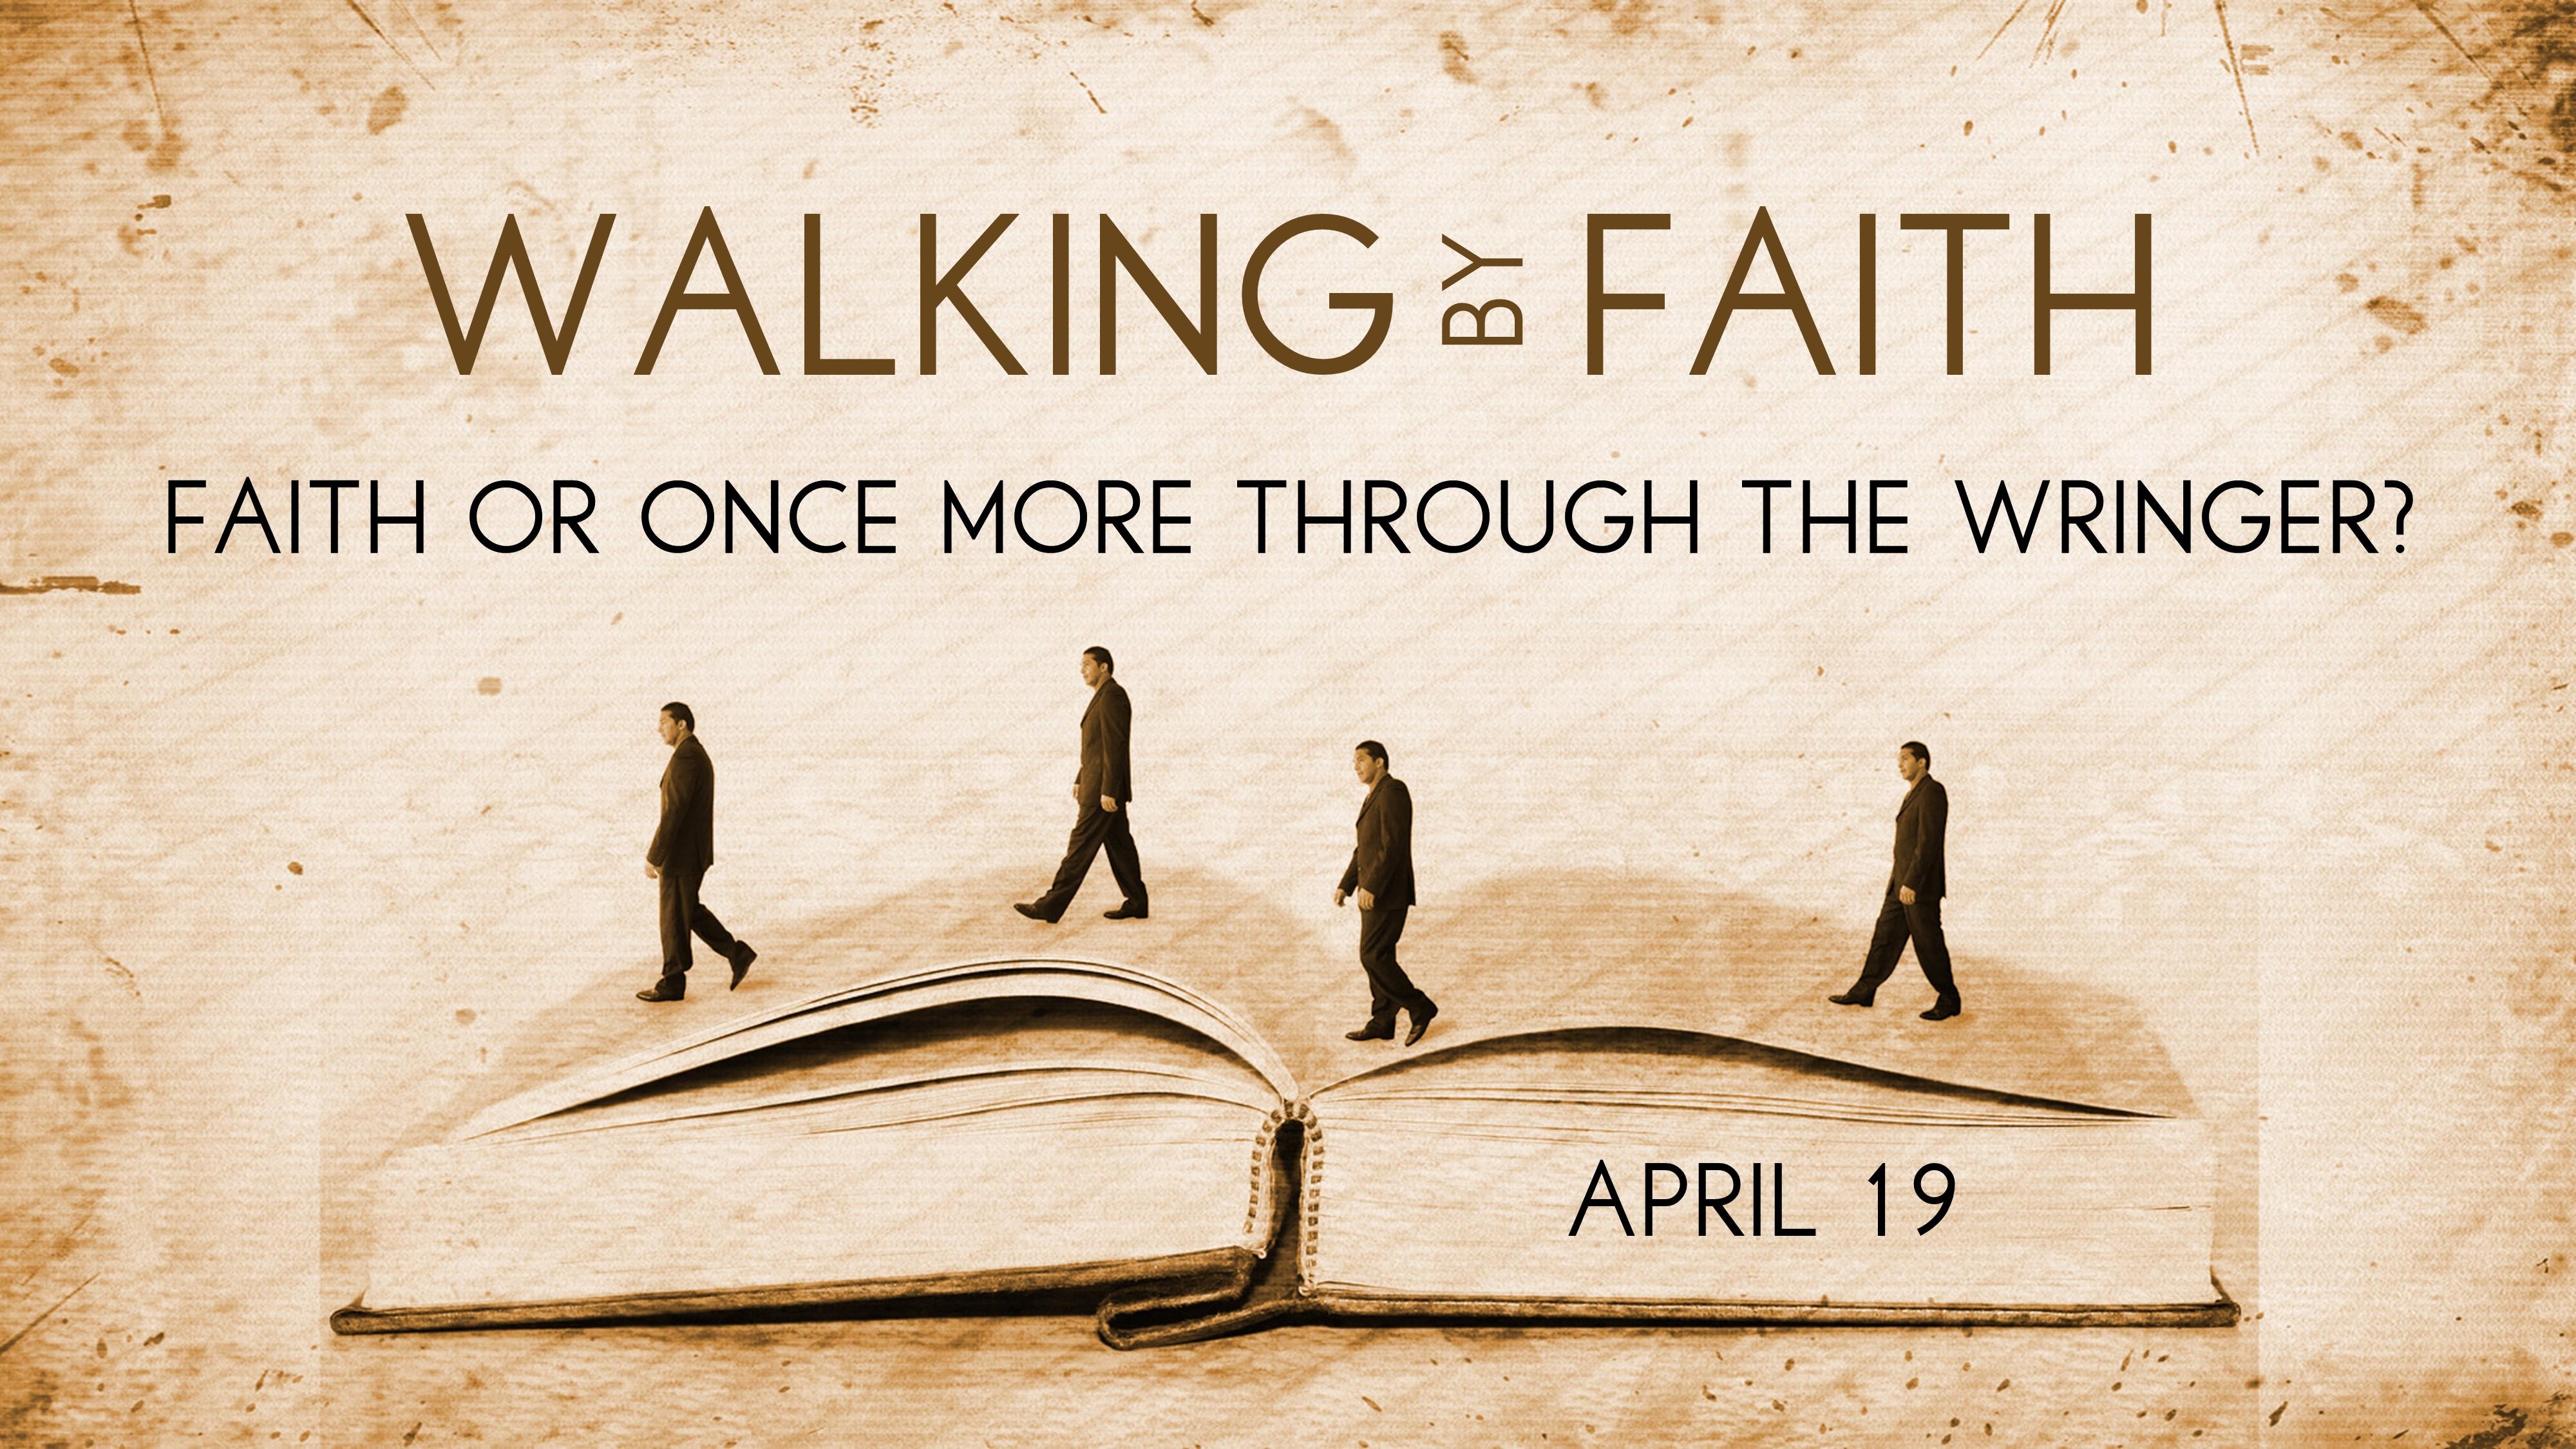 WBF - Wringer - April 19